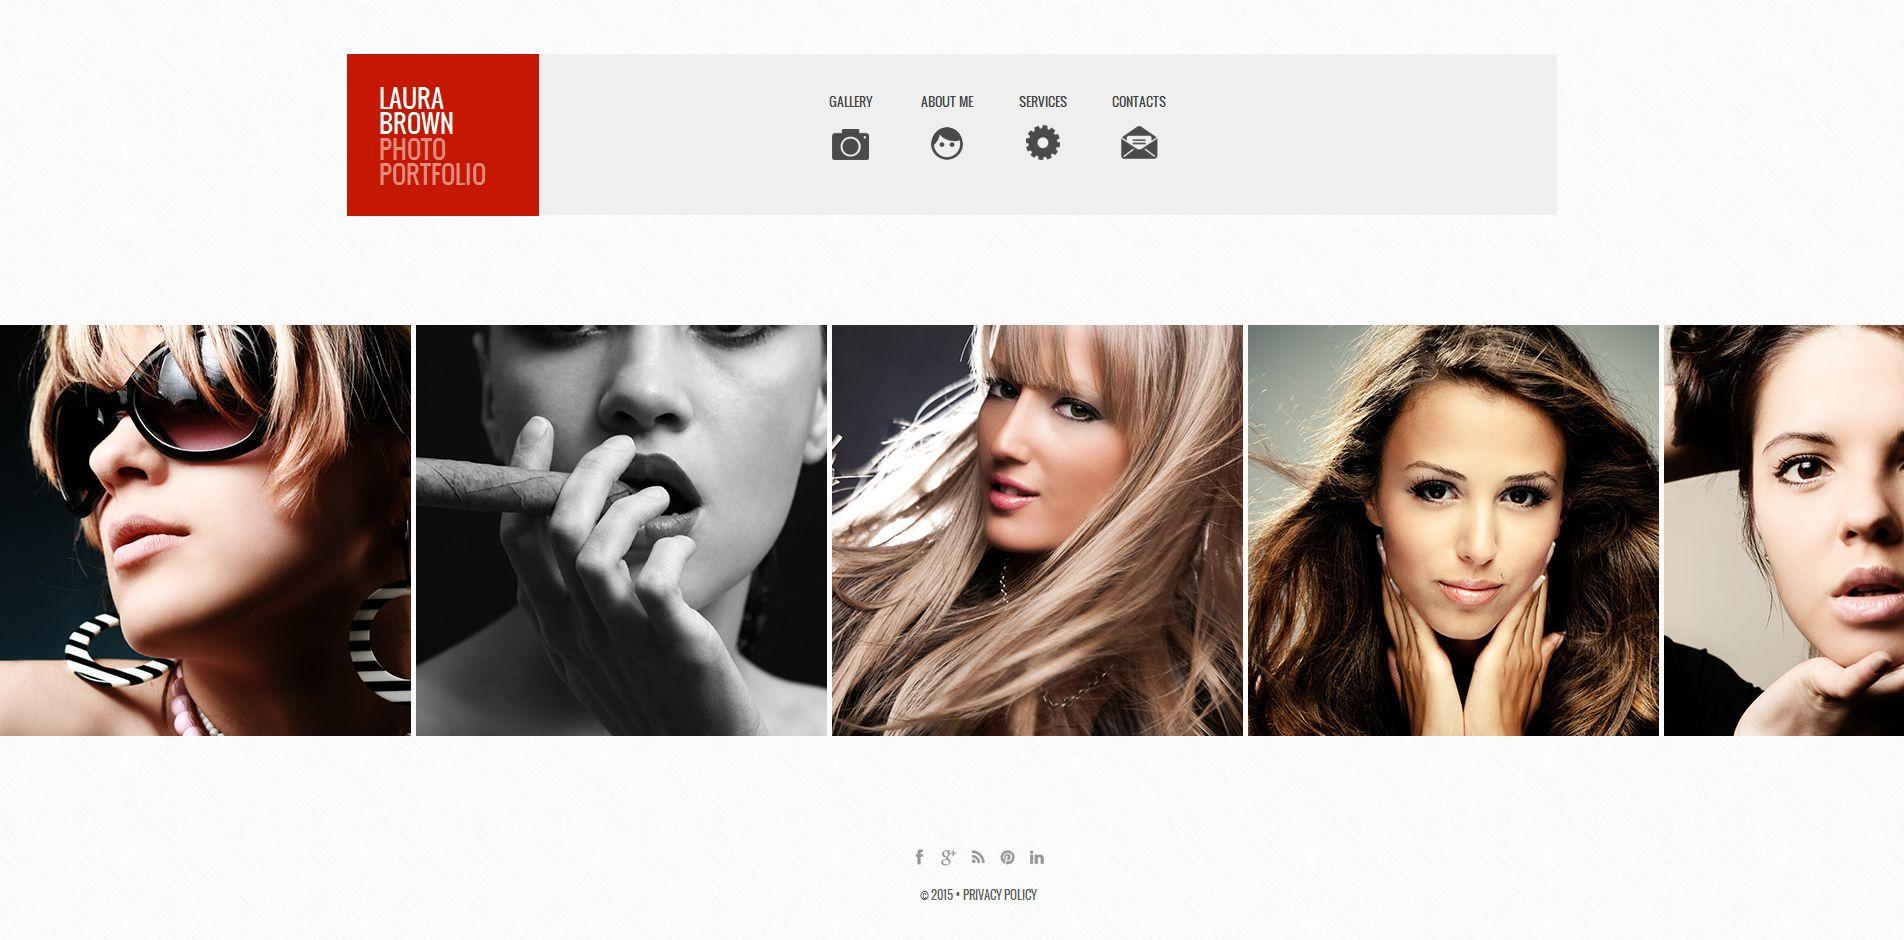 Template de Galeria de Fotos para Sites de Portfólio de Fotografo №54928